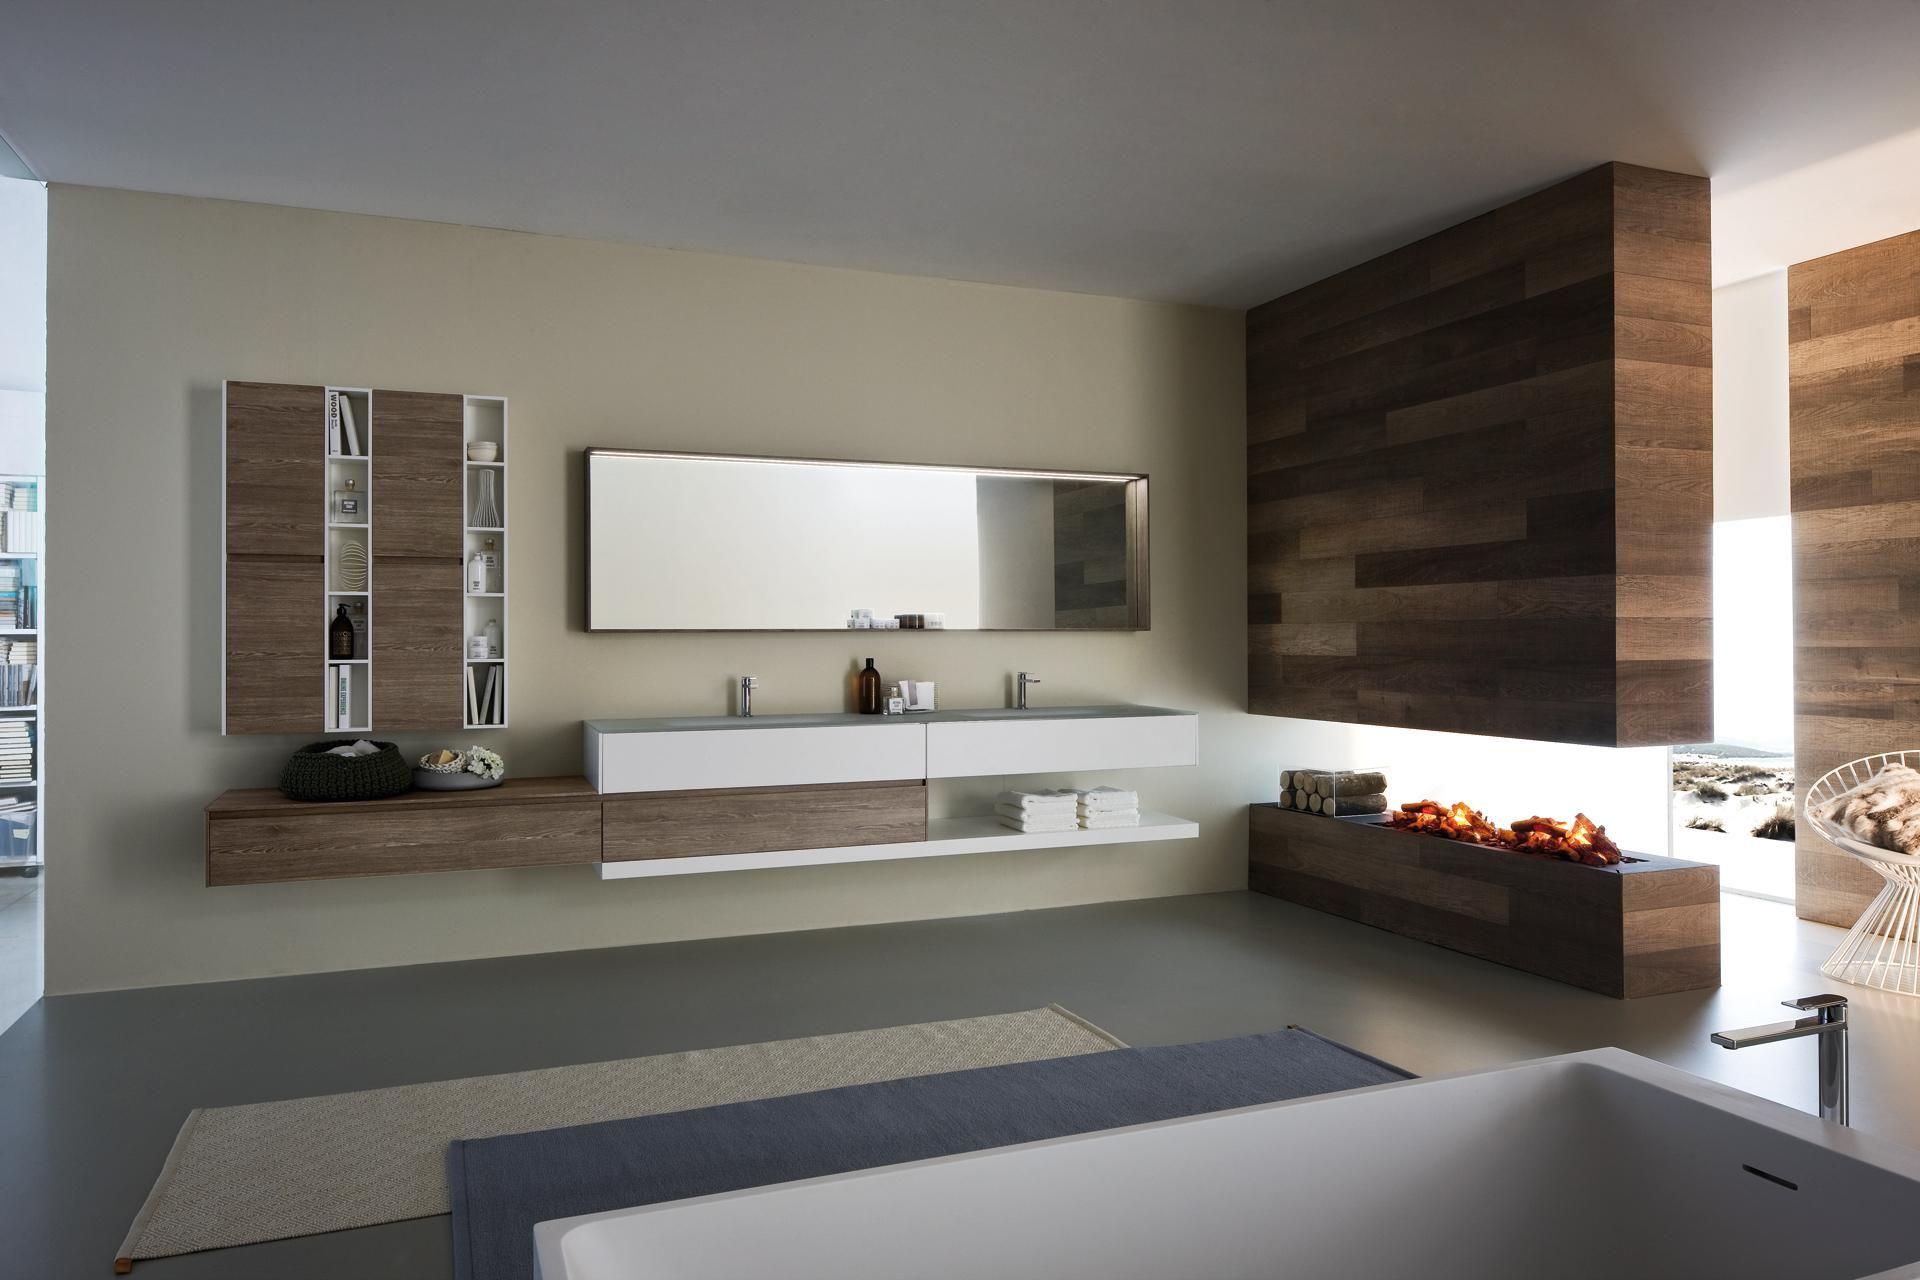 Badezimmer Waschtisch Modern Moderne Waschbecken Badezimmer Renovieren Und Badezimmer Design